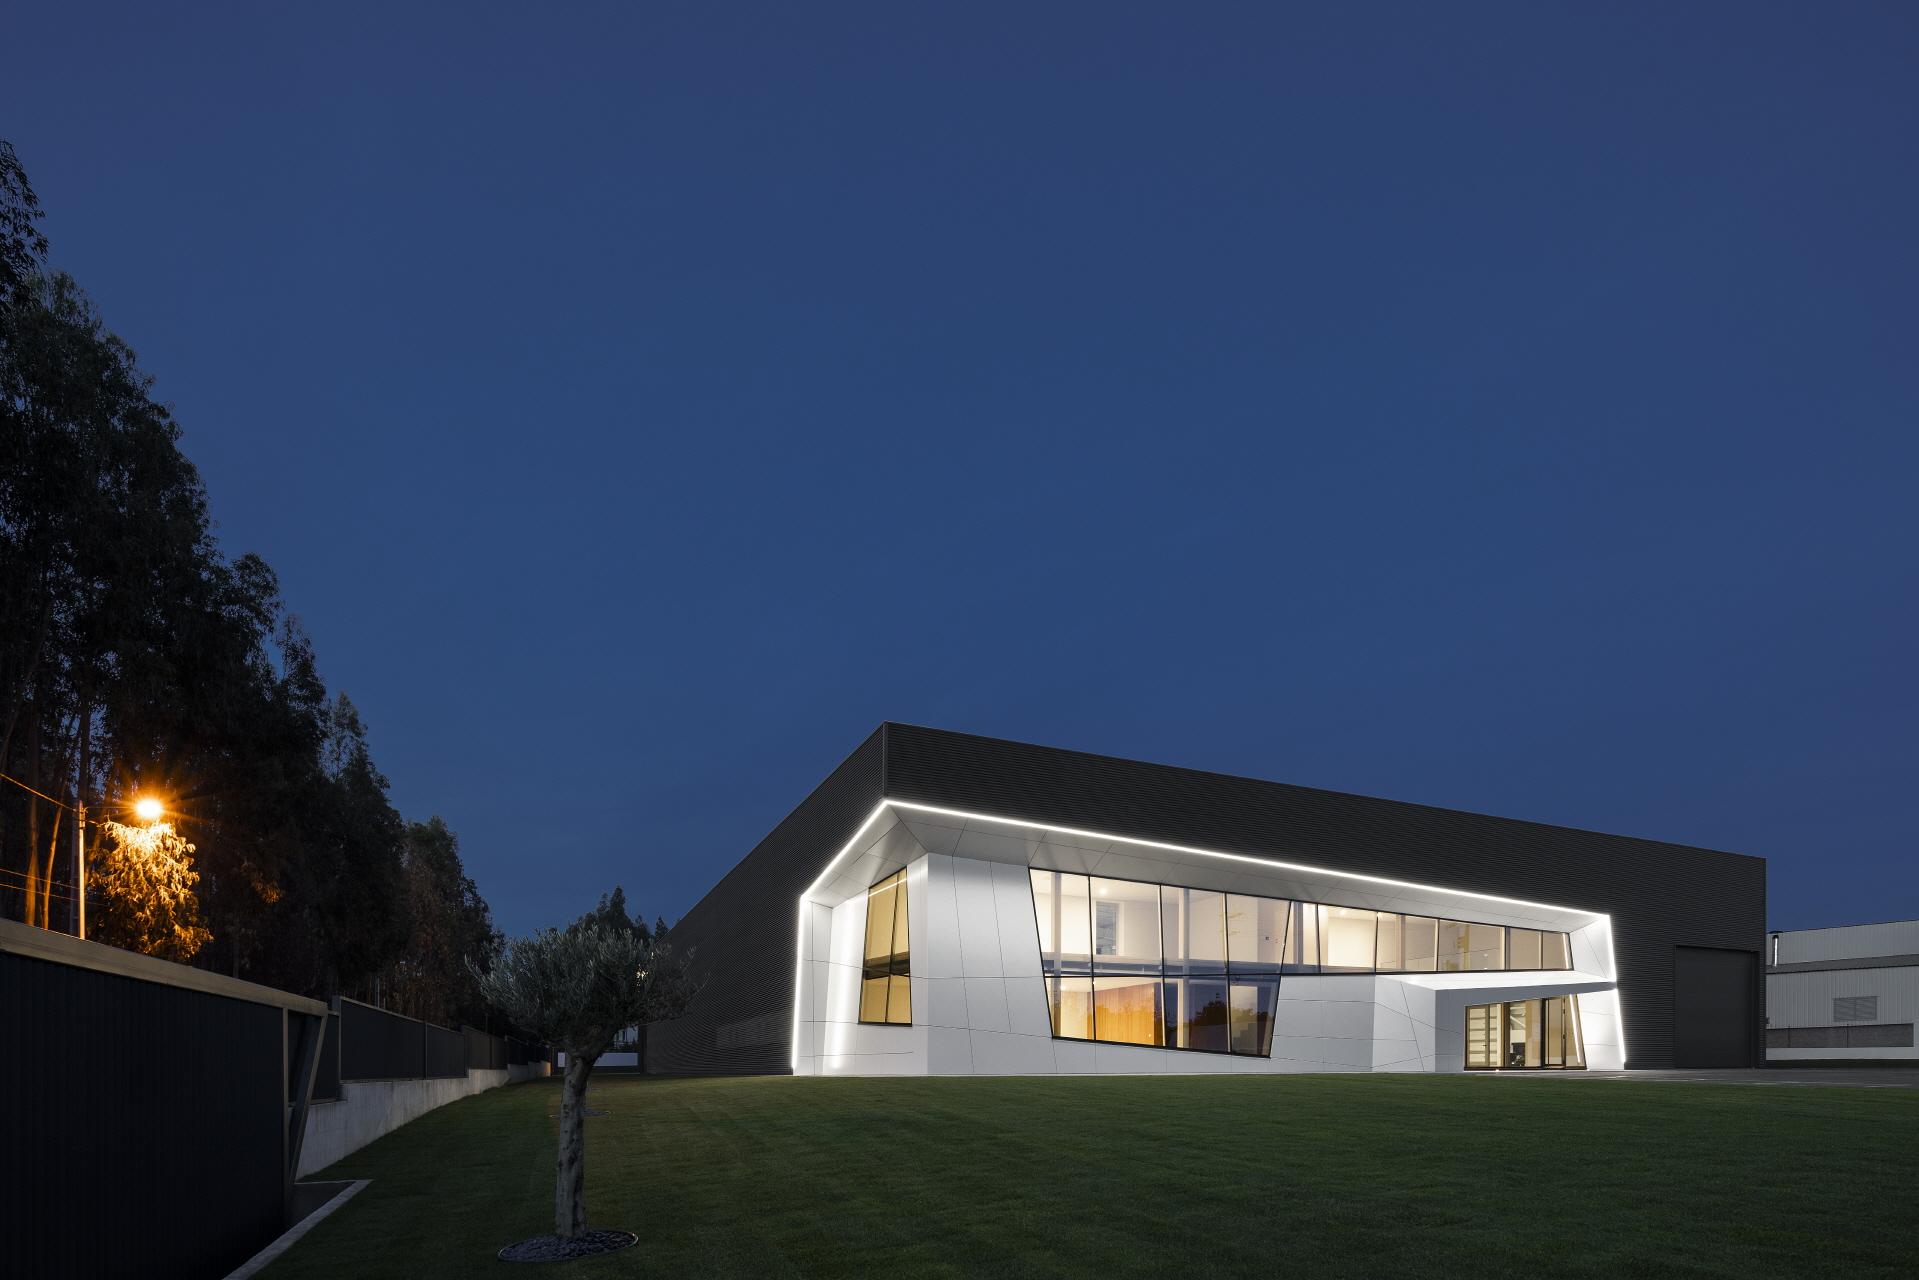 〔안정원의 건축 칼럼〕 단순하면서도 세련된 디자인이 돋보이는 공업용 창고 건축 1